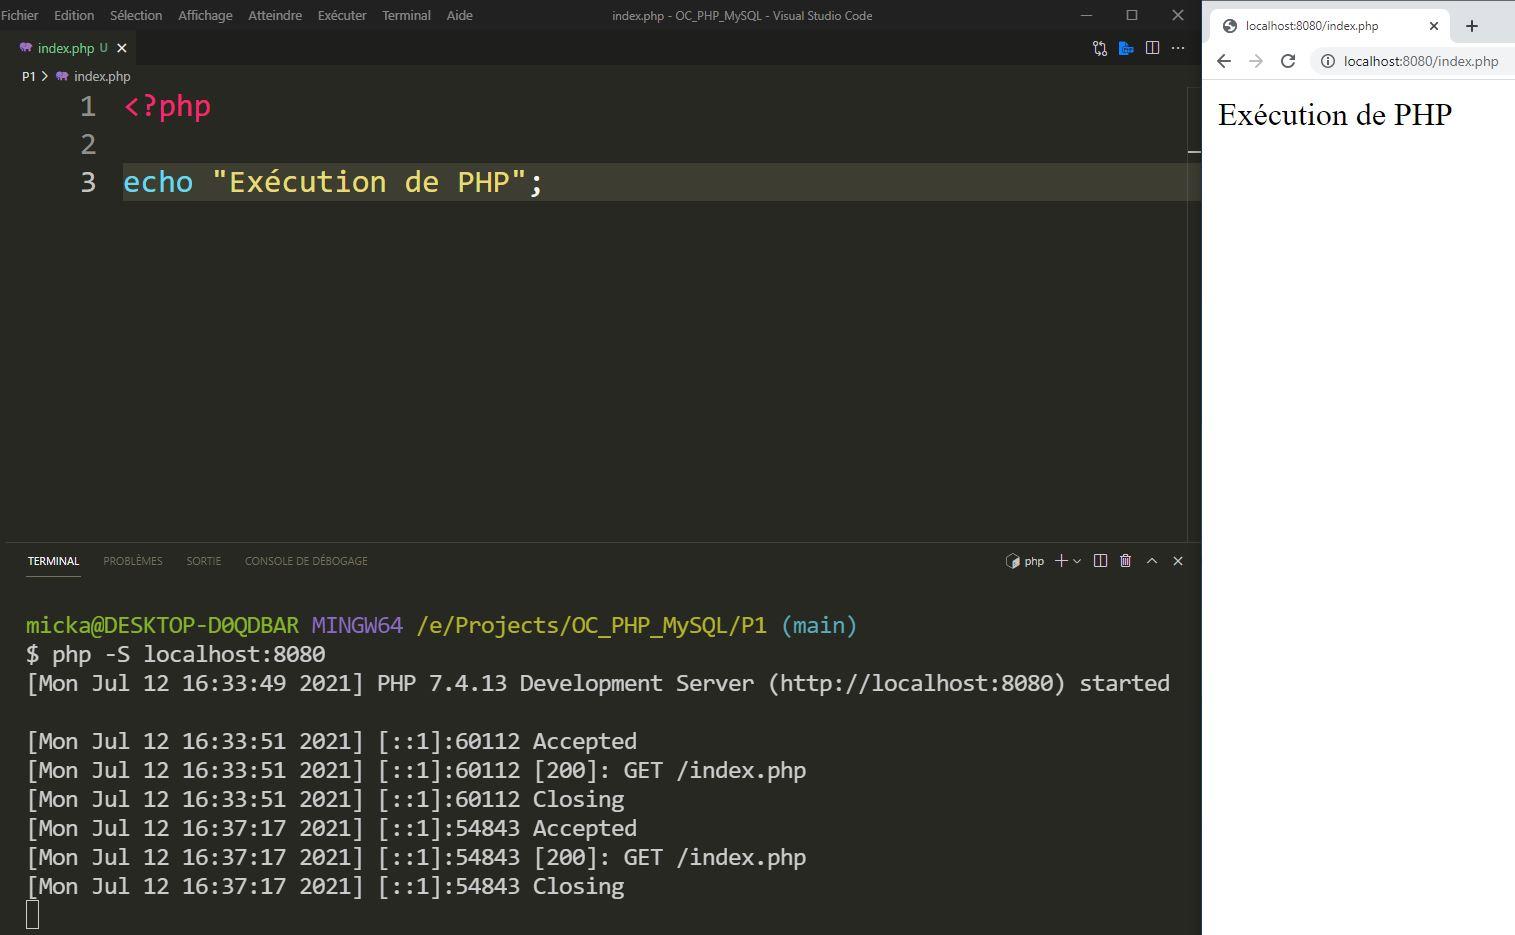 Mise en application du serveur PHP de développement pour afficher un Hello World